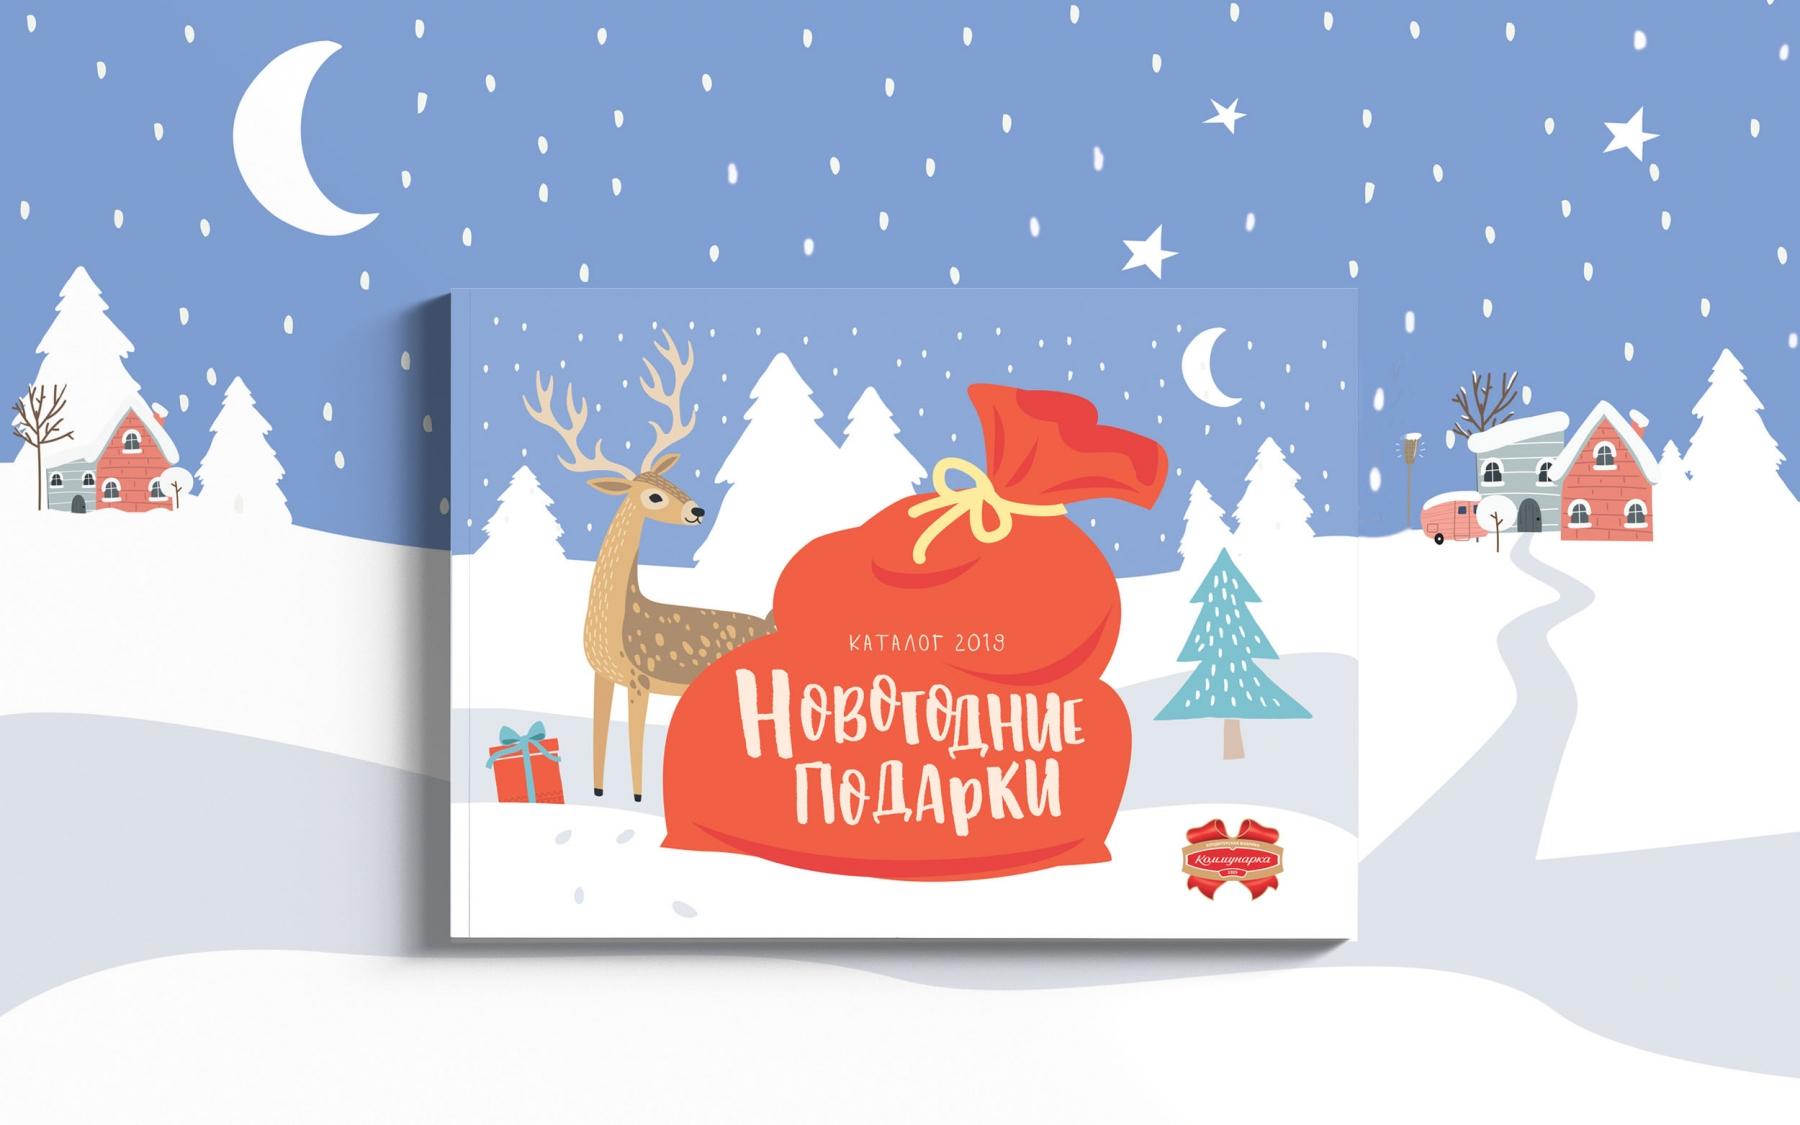 Разработка дизайна новогоднего каталога